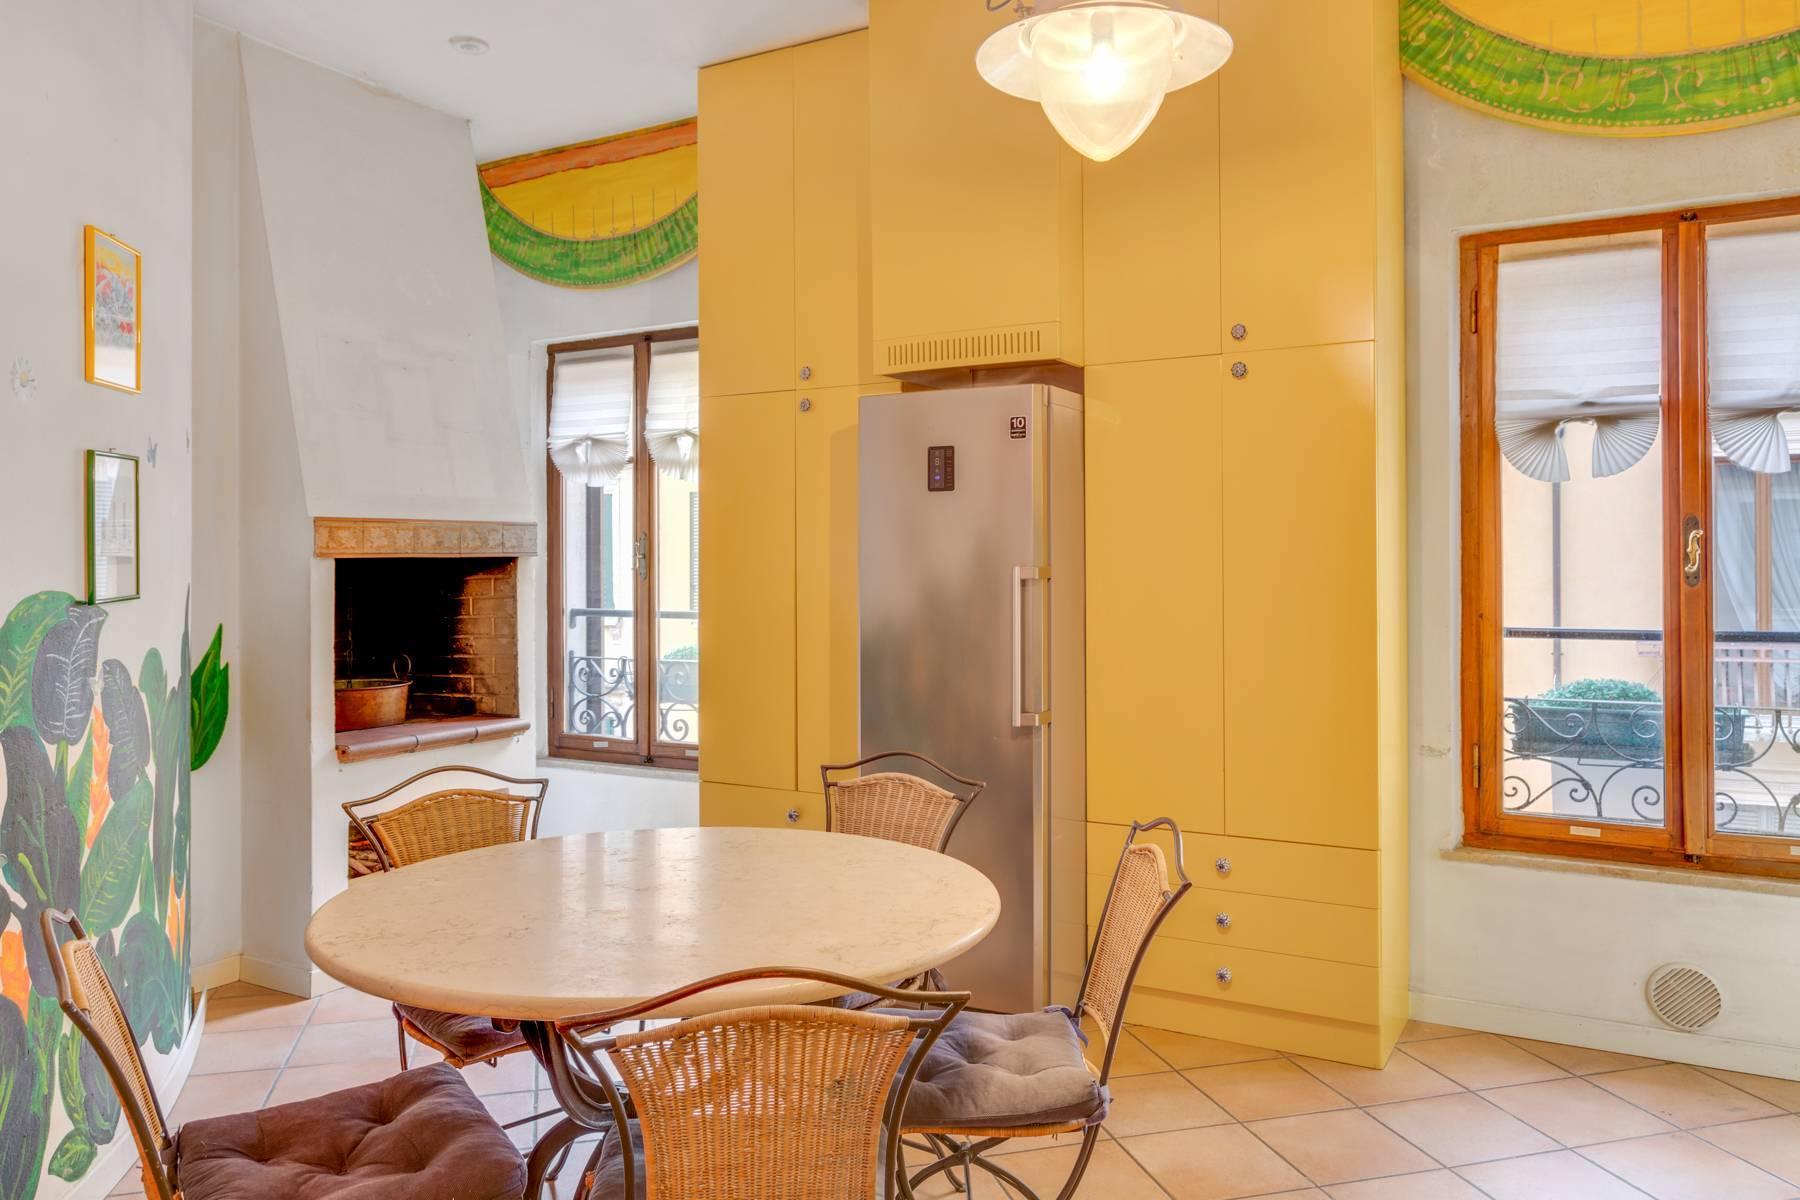 拥有维罗纳旖旎风光的公寓 - 7